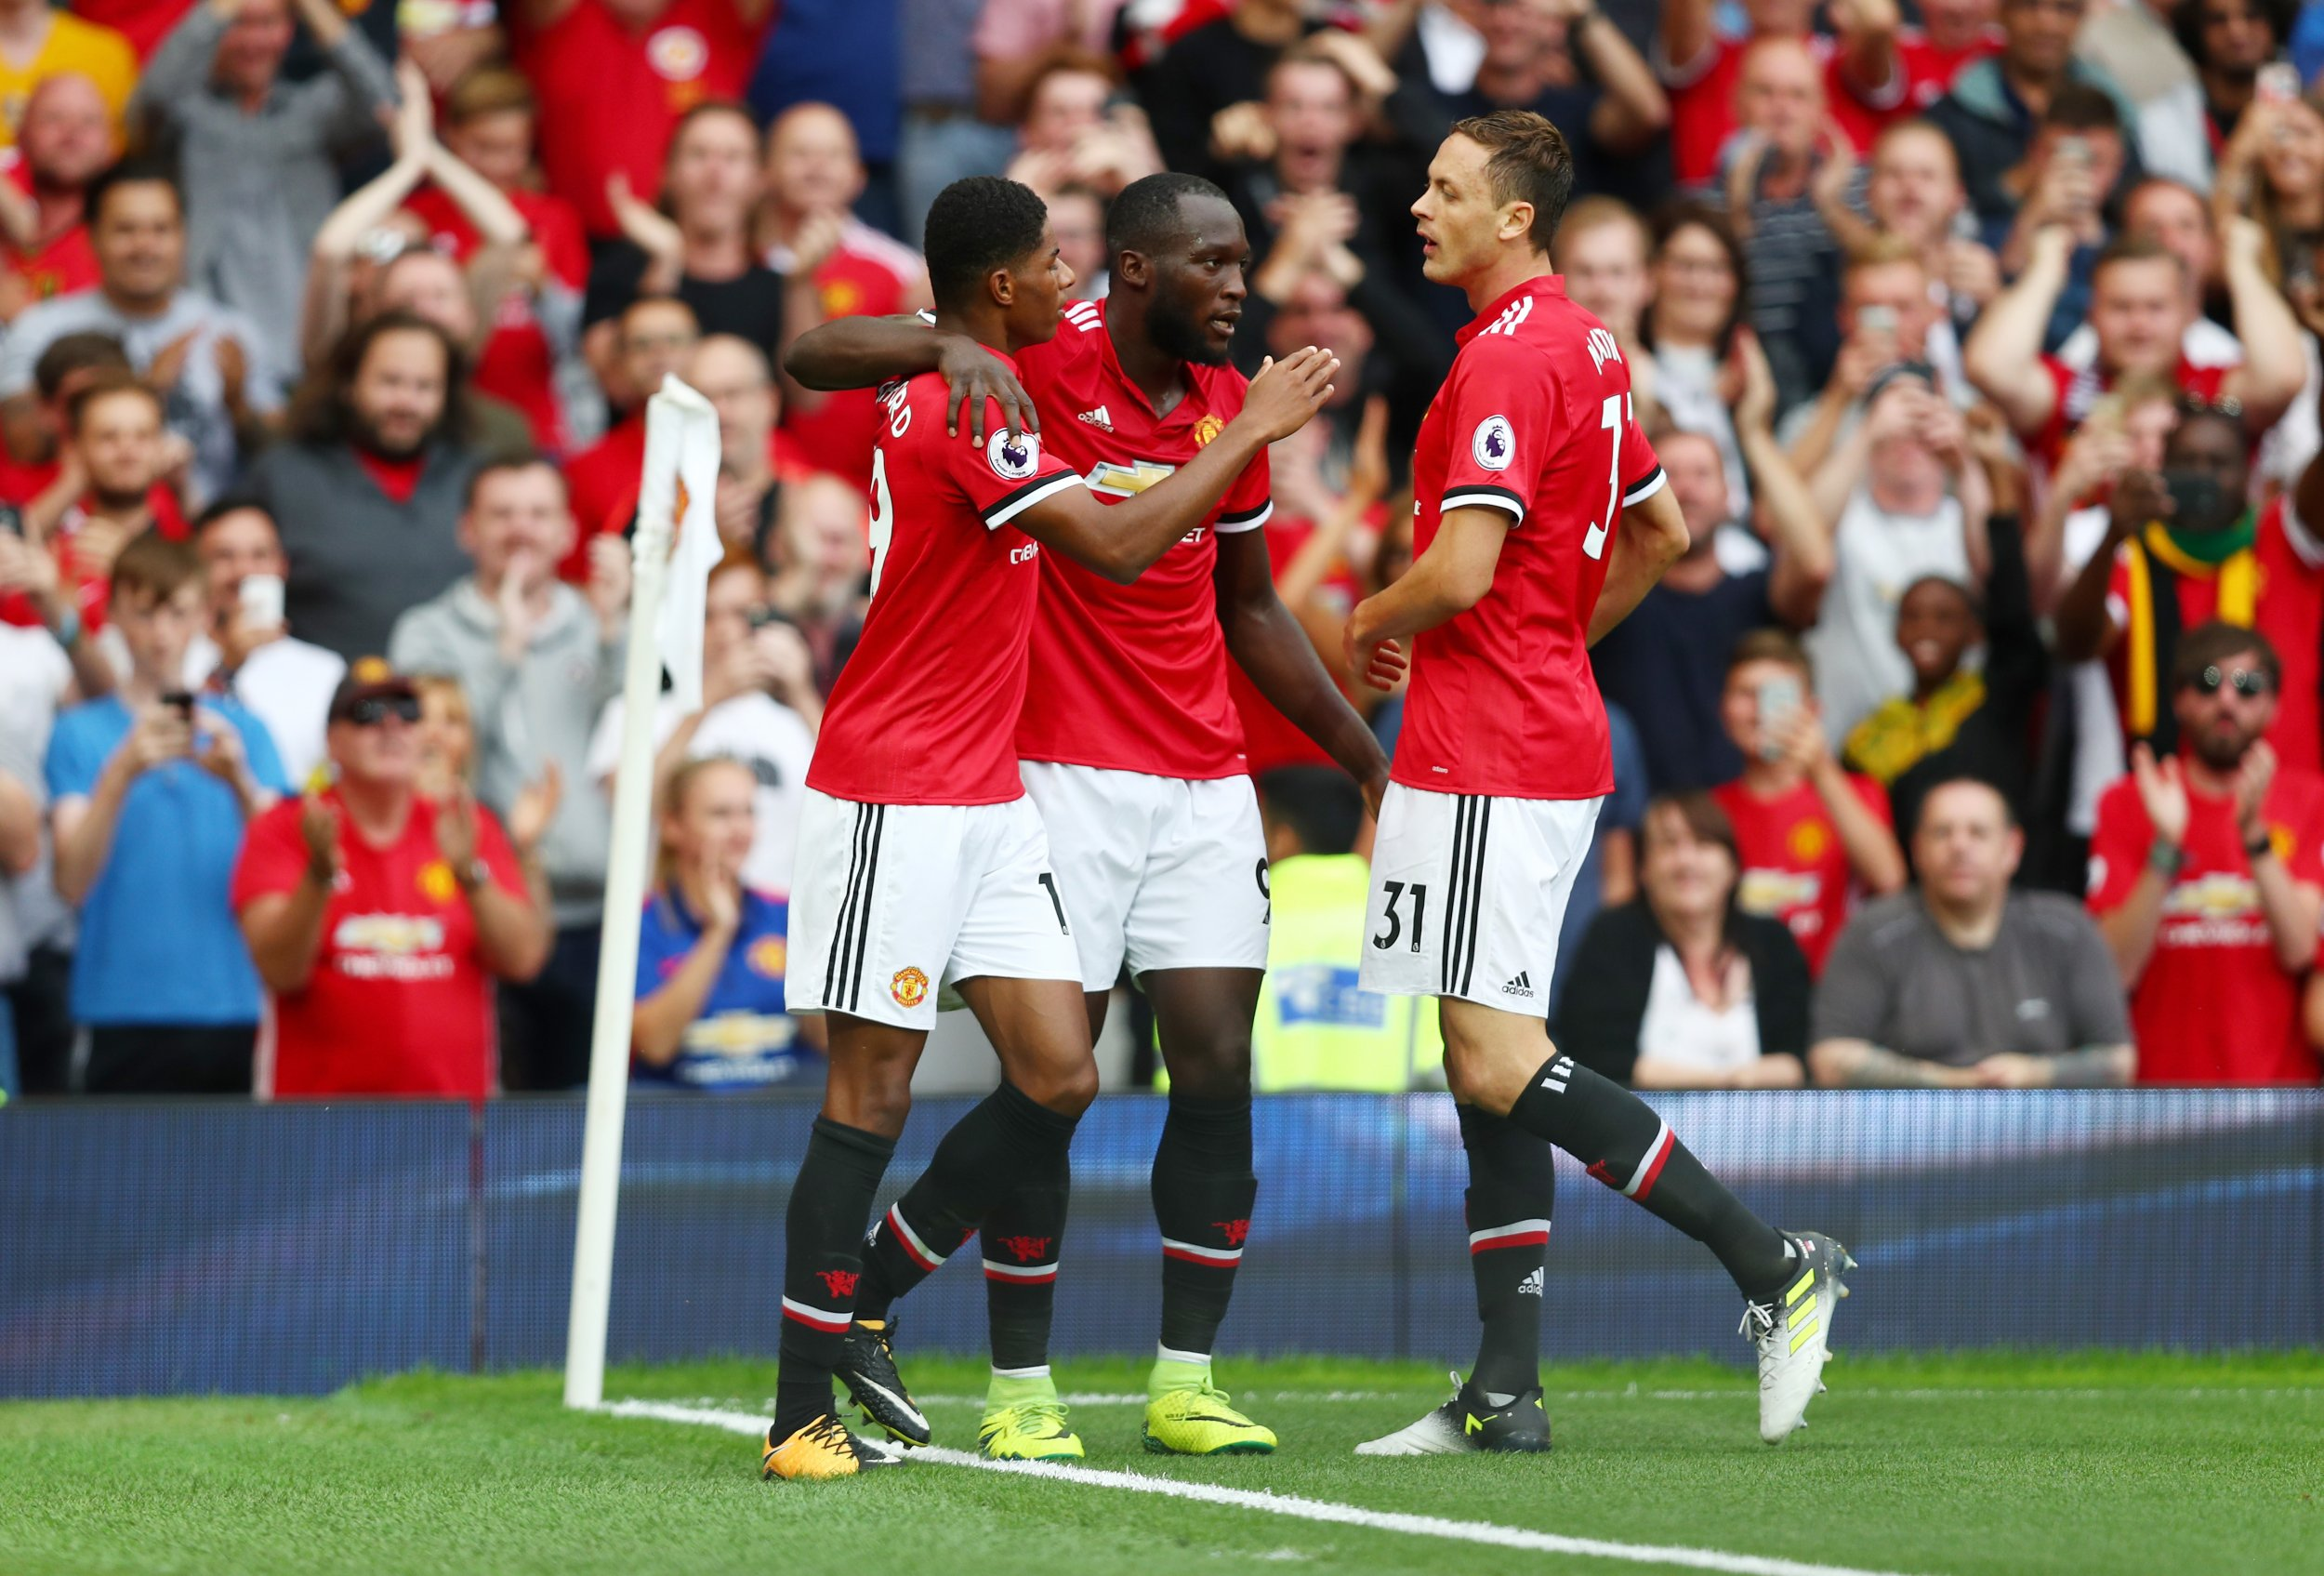 Romelu Lukaku, center, and Nemanja Matic, right, of Manchester United.